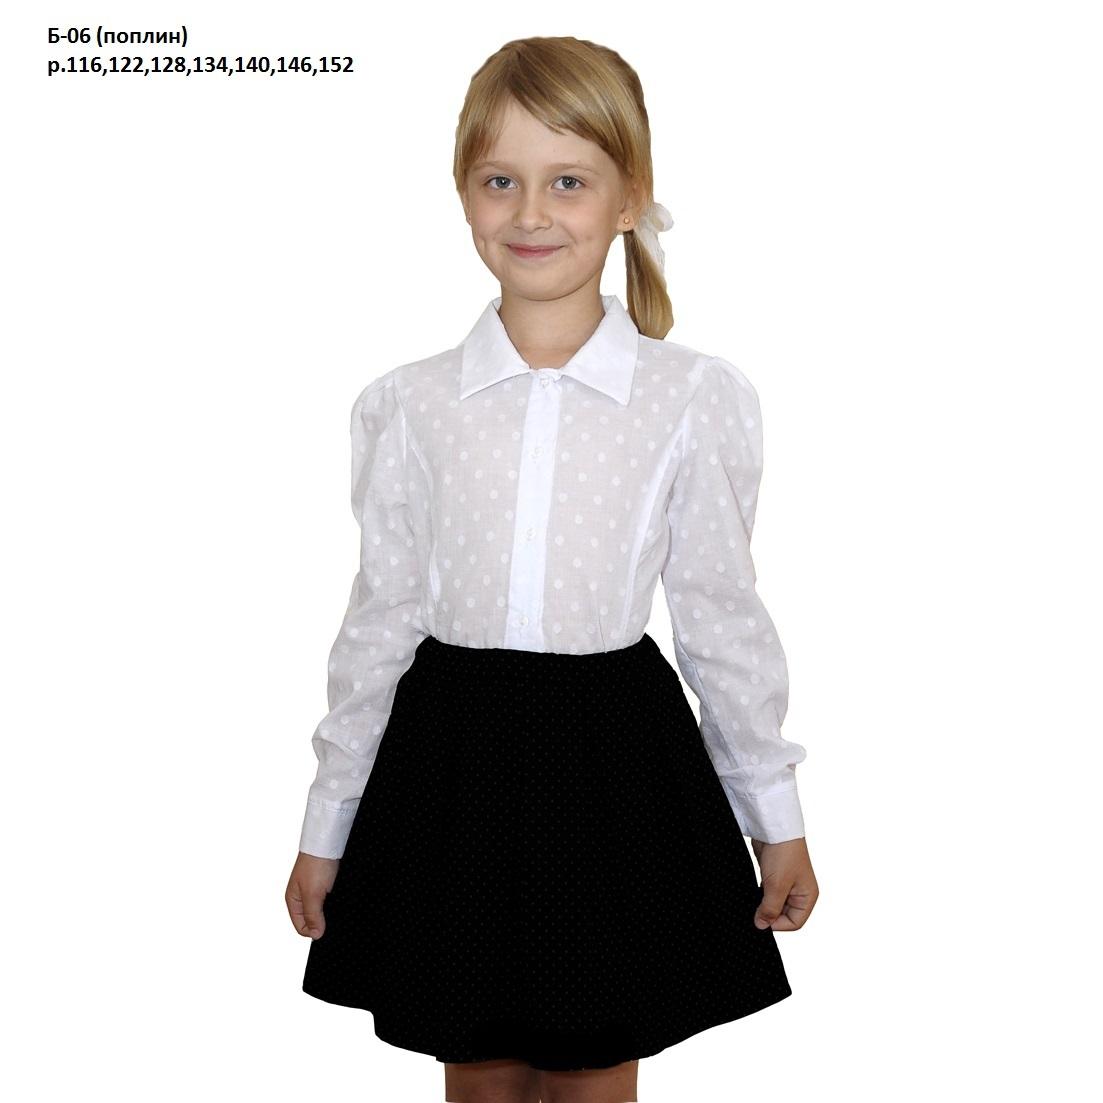 Школьные Блузки От 250Руб Оптом